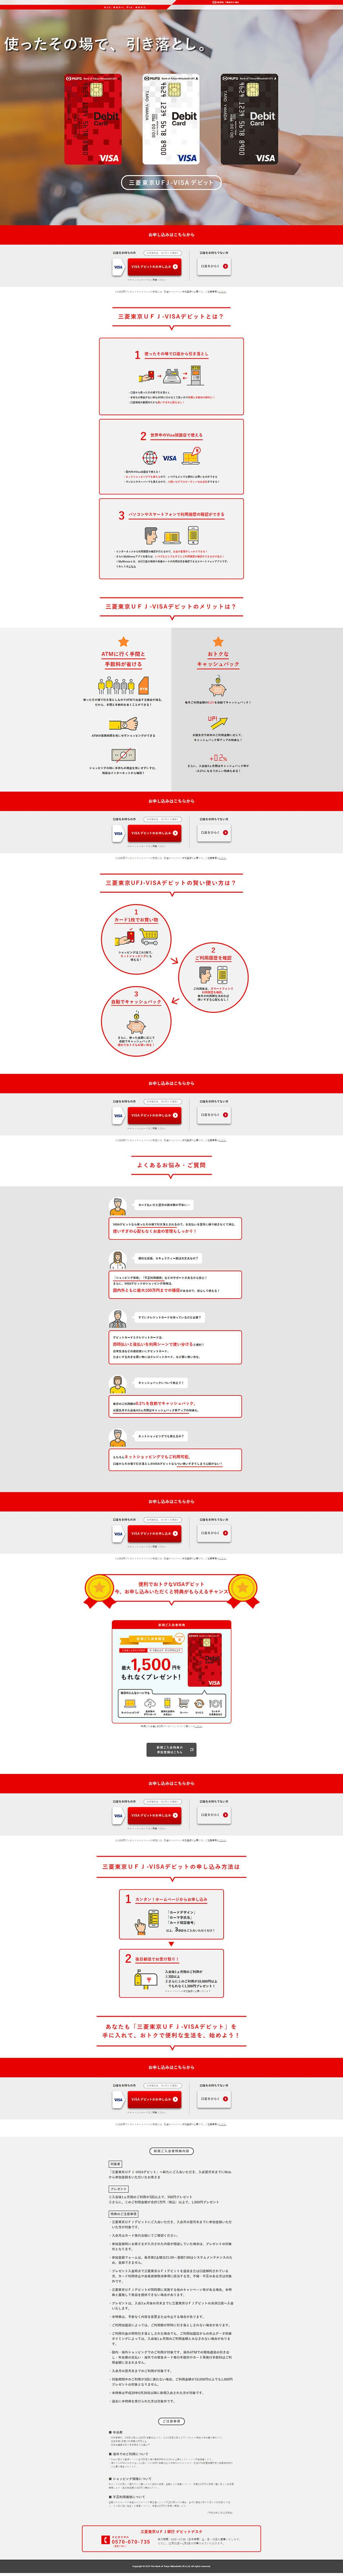 株式会社三菱東京ufj銀行様の Visaデビット のランディングページ Lp シンプル系 保険 金融 クレジット Lp ランディングページ ランペ Visaデビット 金融 ランディングページ Lp デザイン